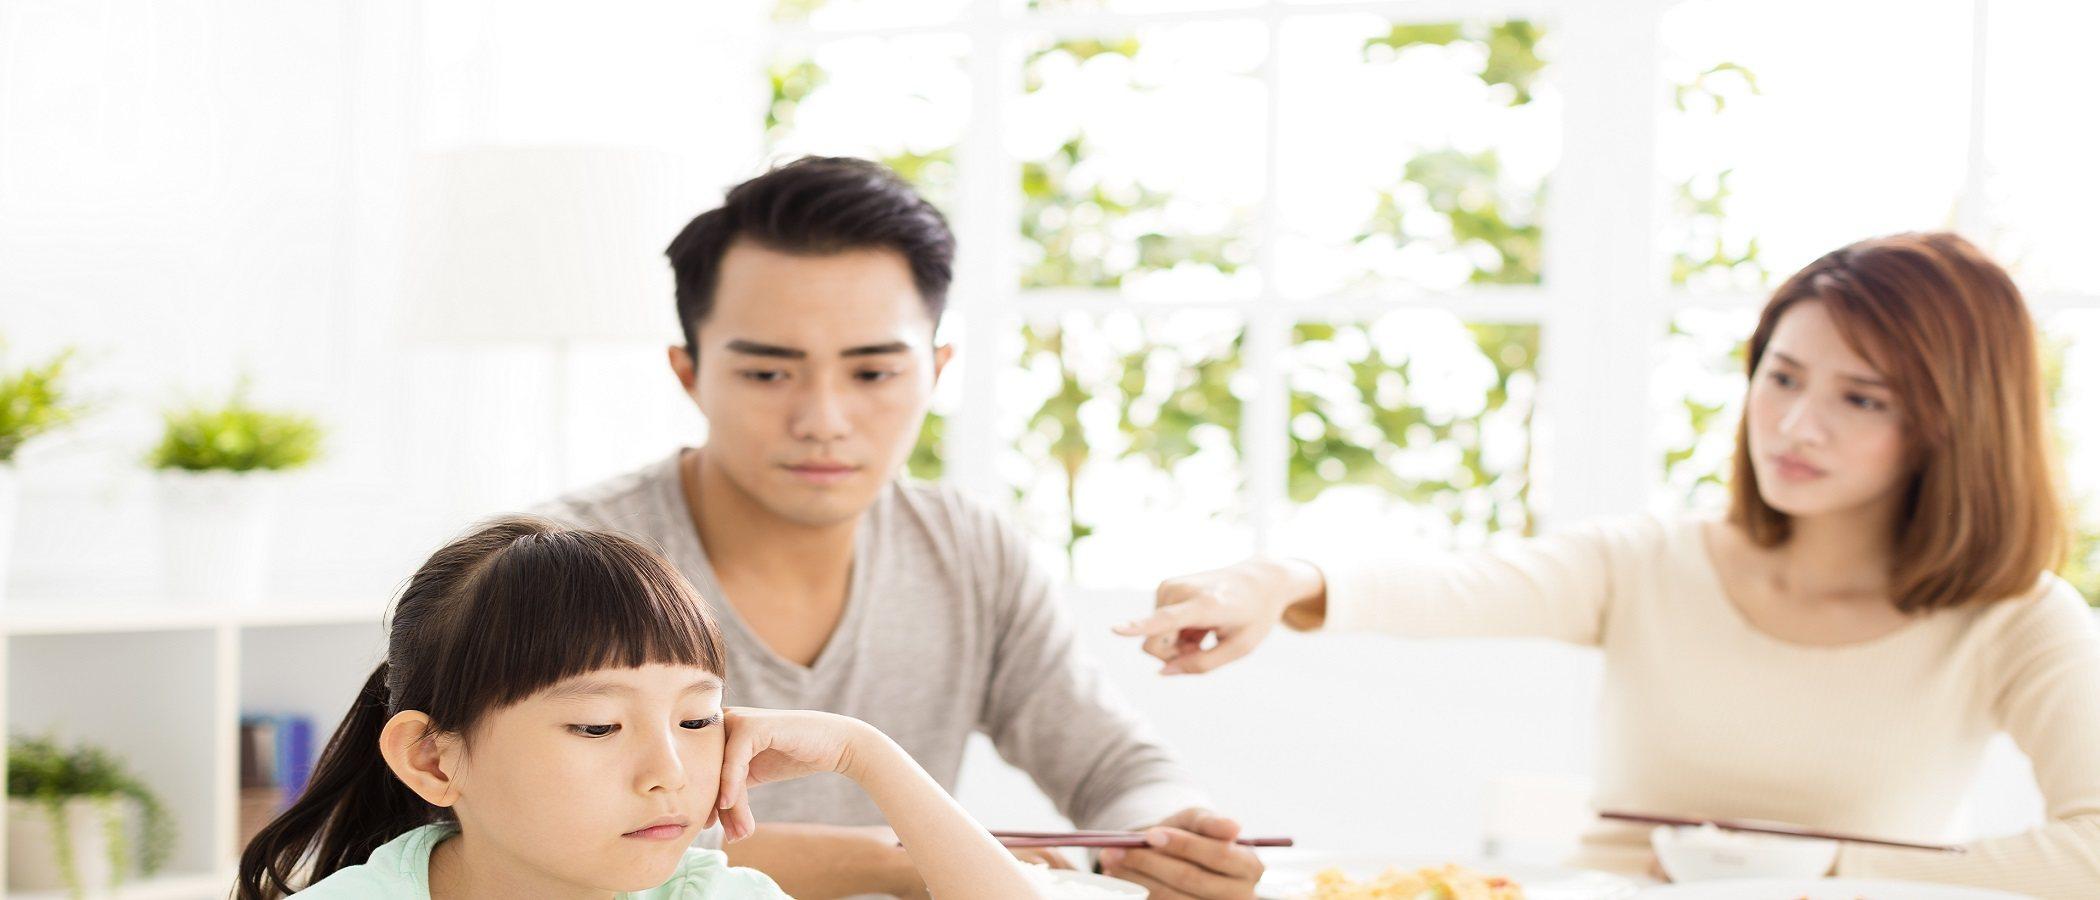 Qué hacer cuando tus hijos te ignoran